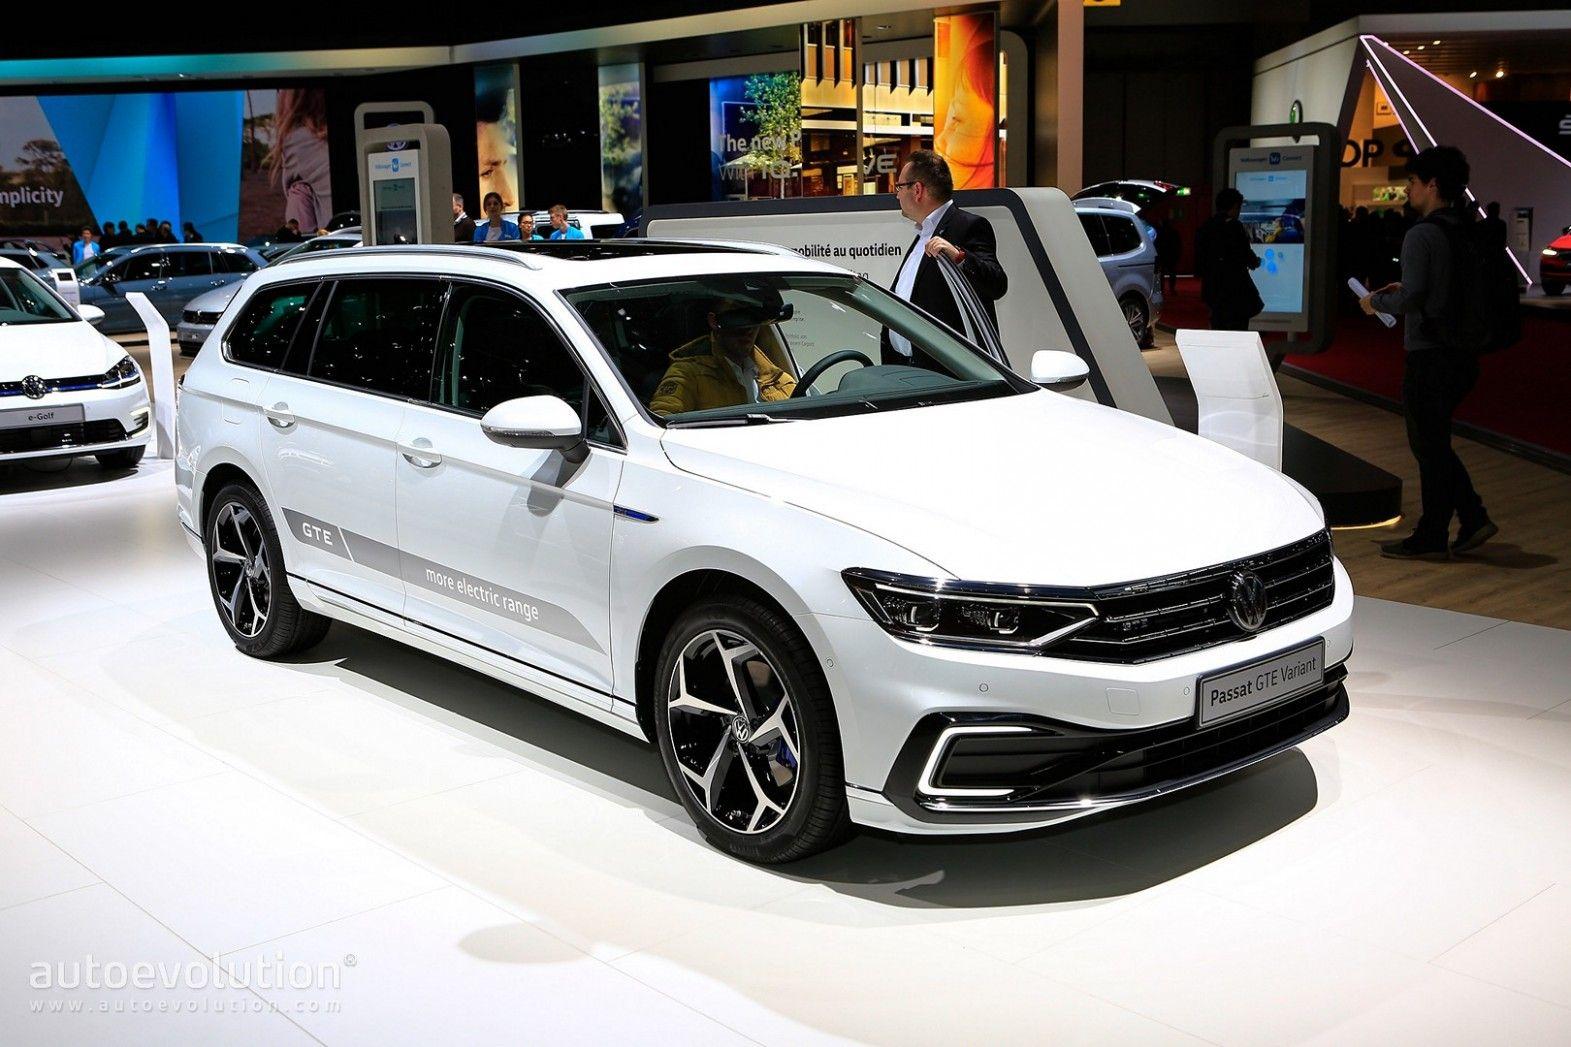 2021 Vw Passat Tdi Engine In 2020 Vw Passat Tdi Vw Passat Volkswagen Passat